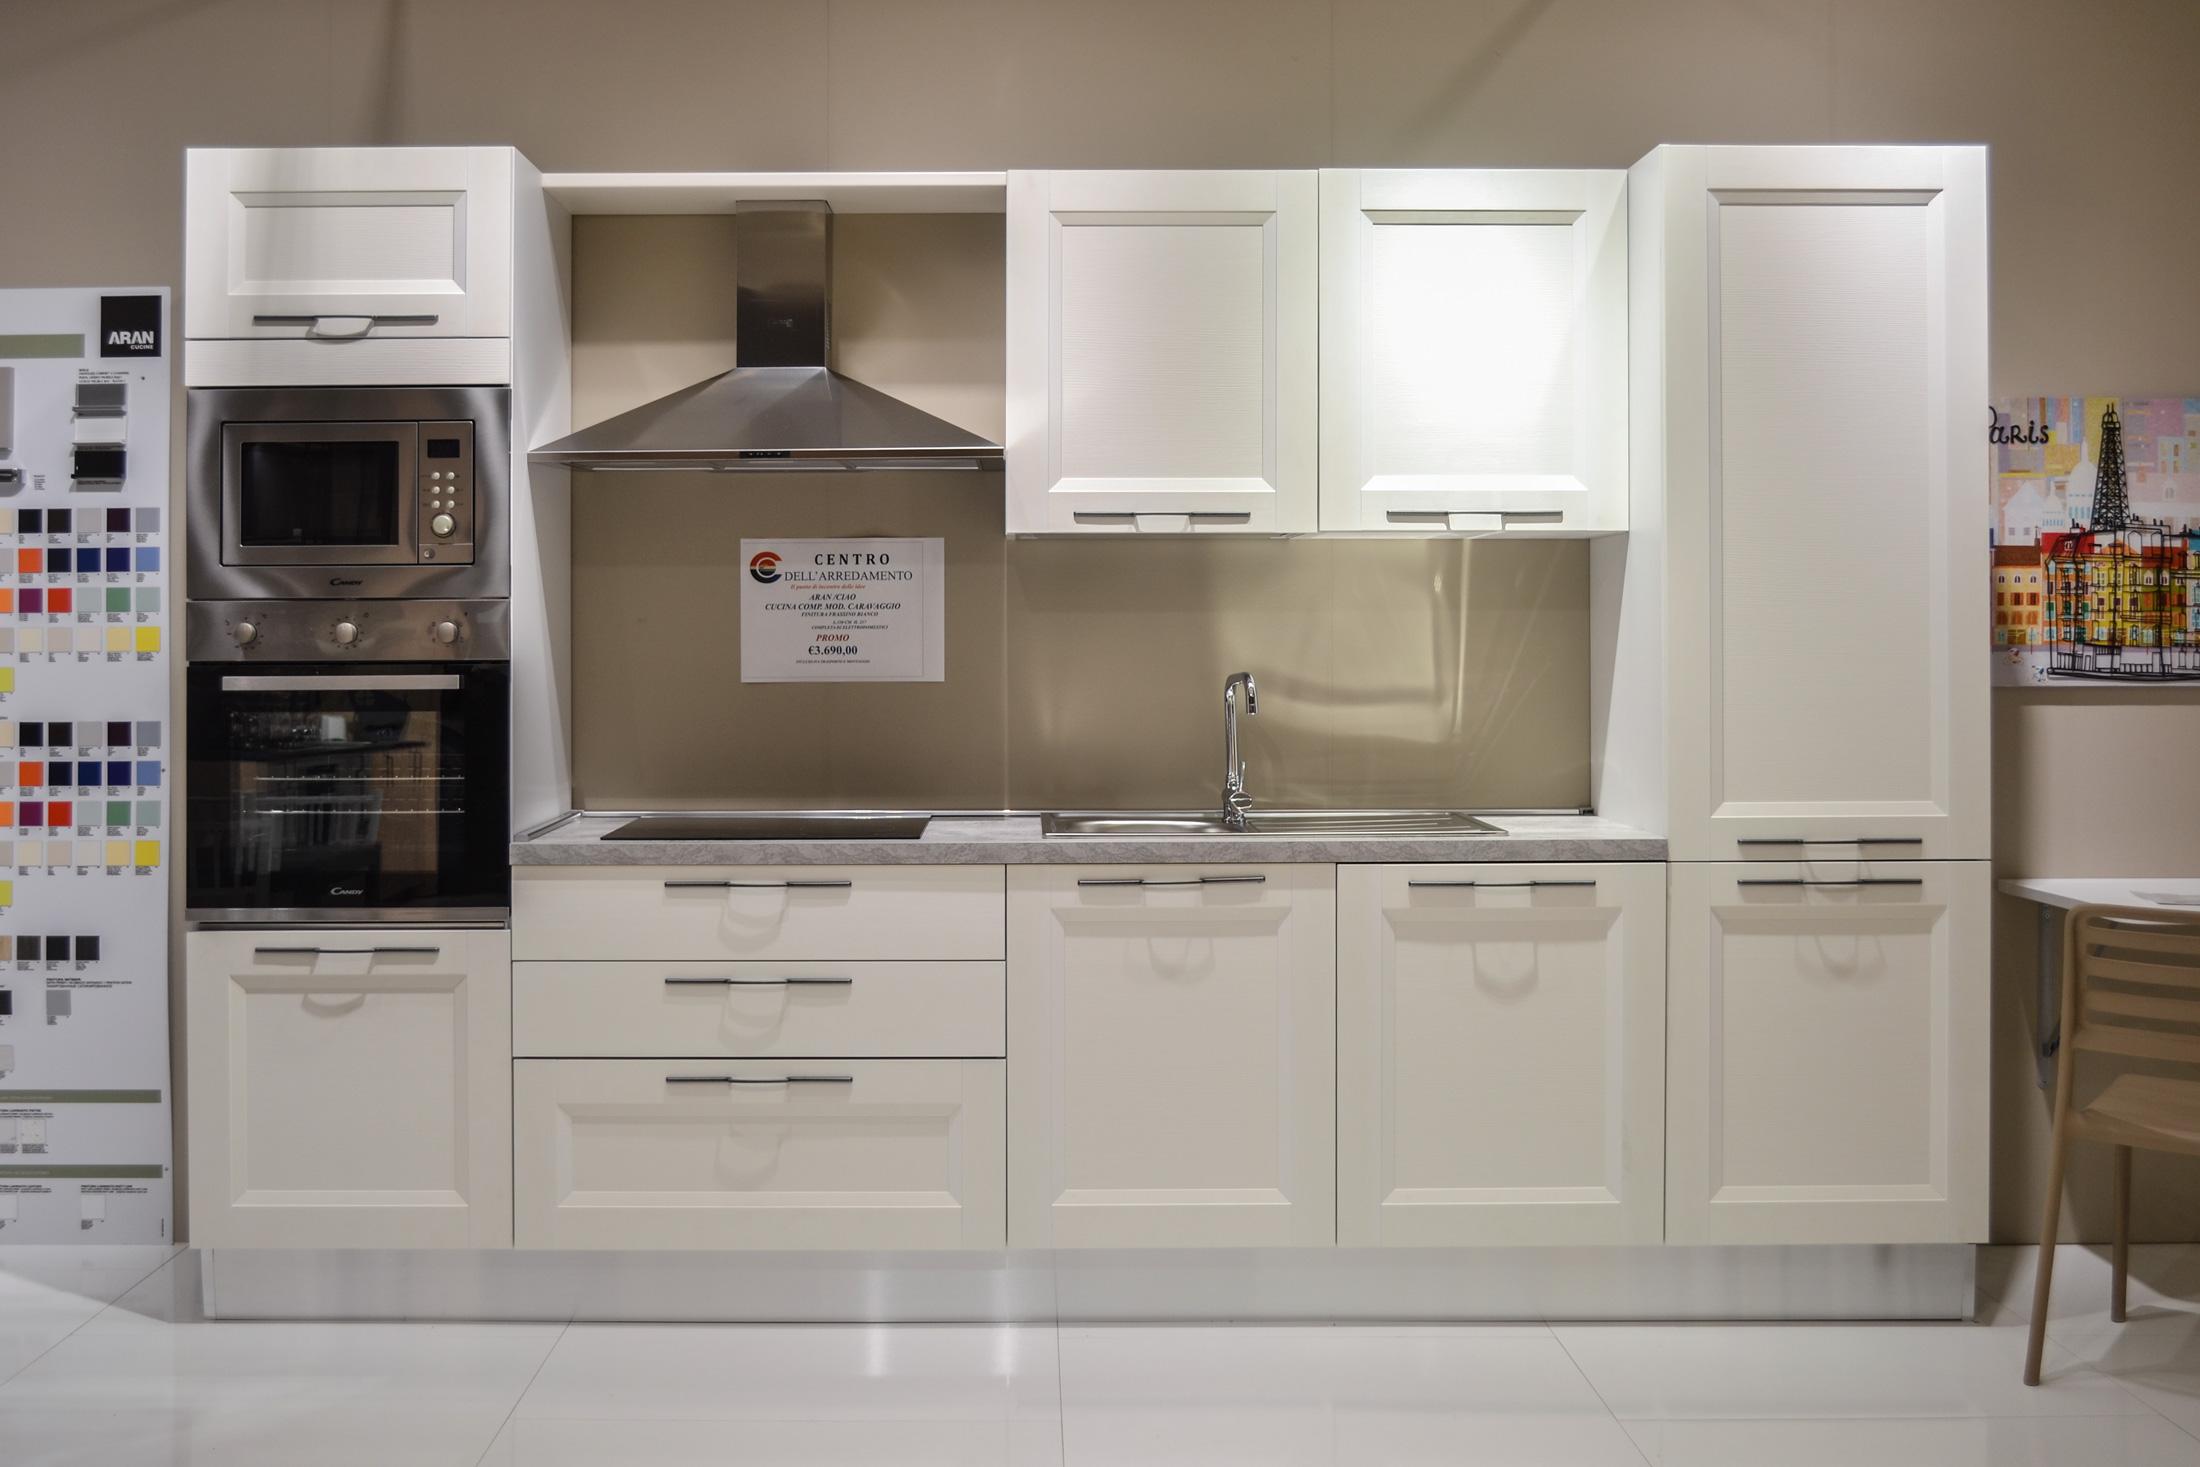 Centro Mobili Design Caravaggio.Cucina Aran Caravaggio Promozione Centro Dell Arredamento Di Savona